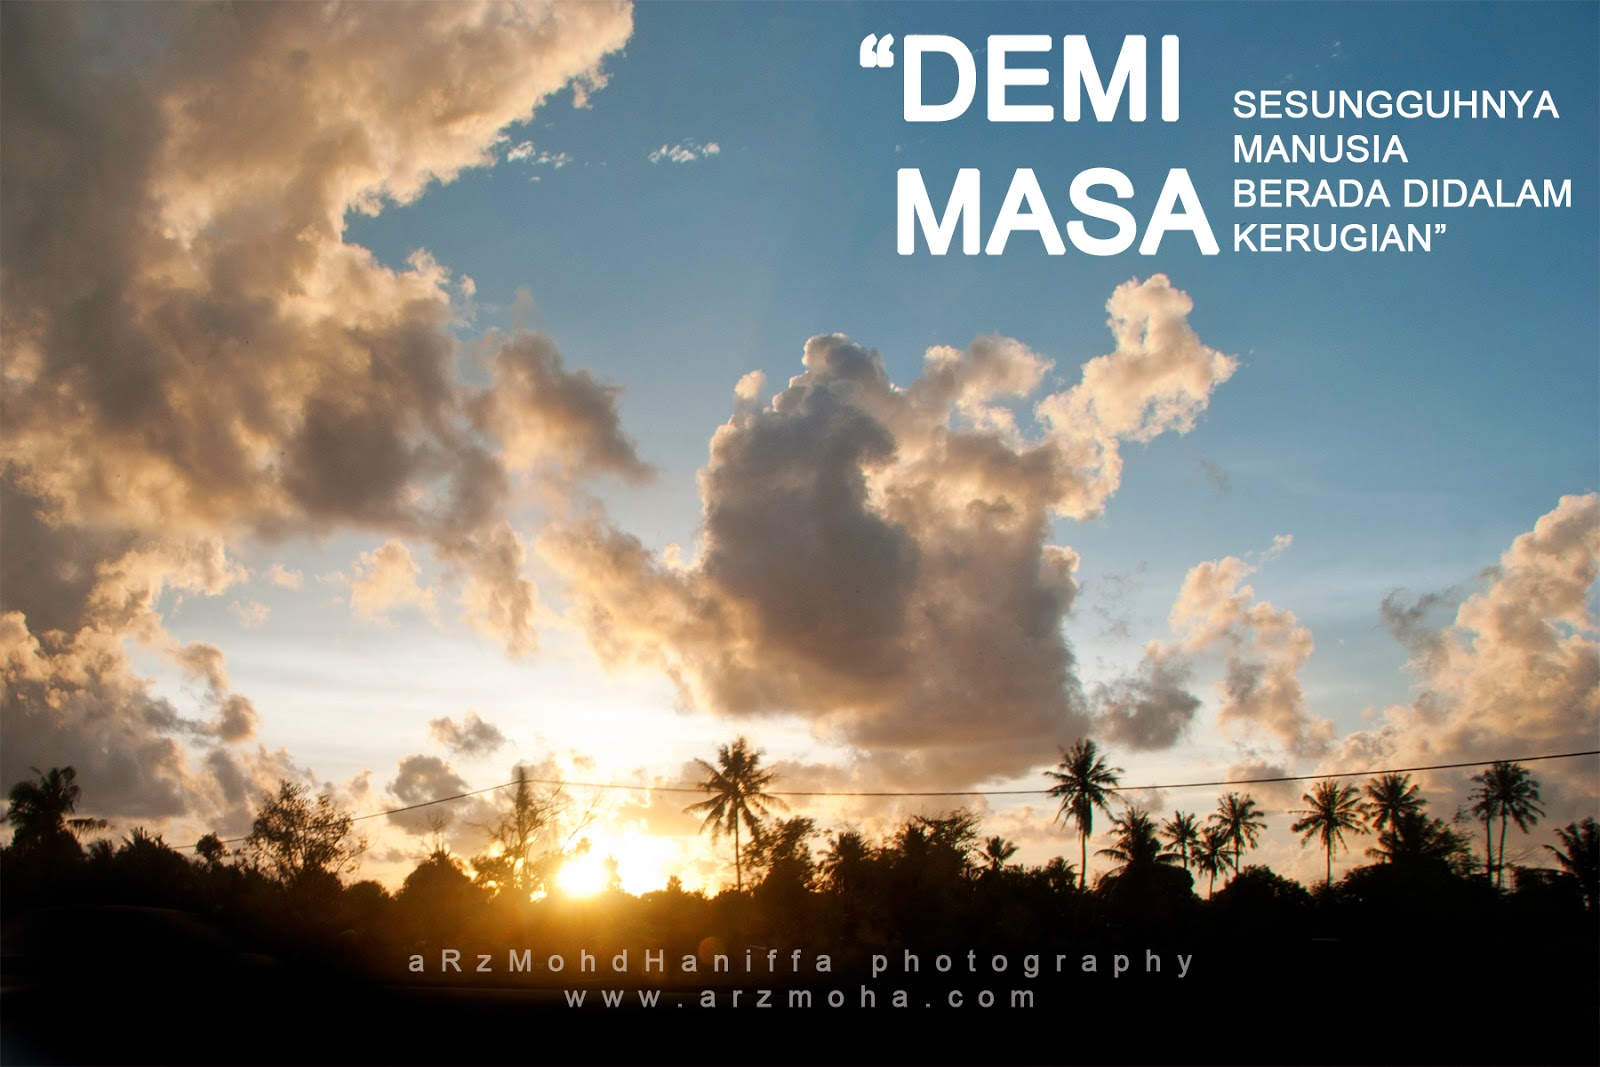 arzmoha, demi masa, time, gambar cantik, kata-kata indah, sunset